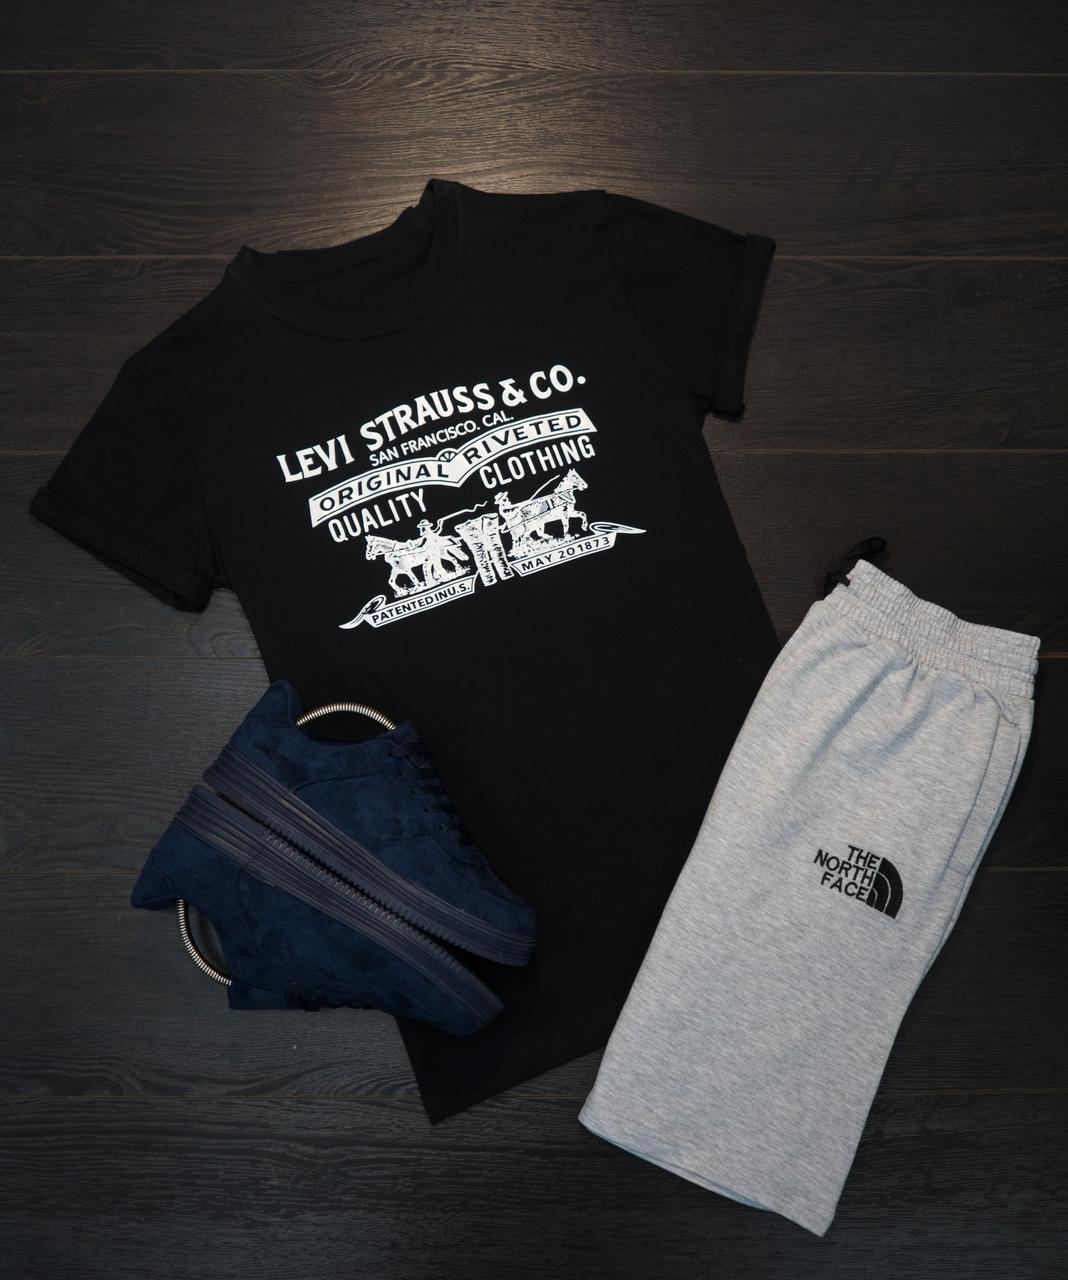 Мужская футболка в стиле Levi's черная (L размер)